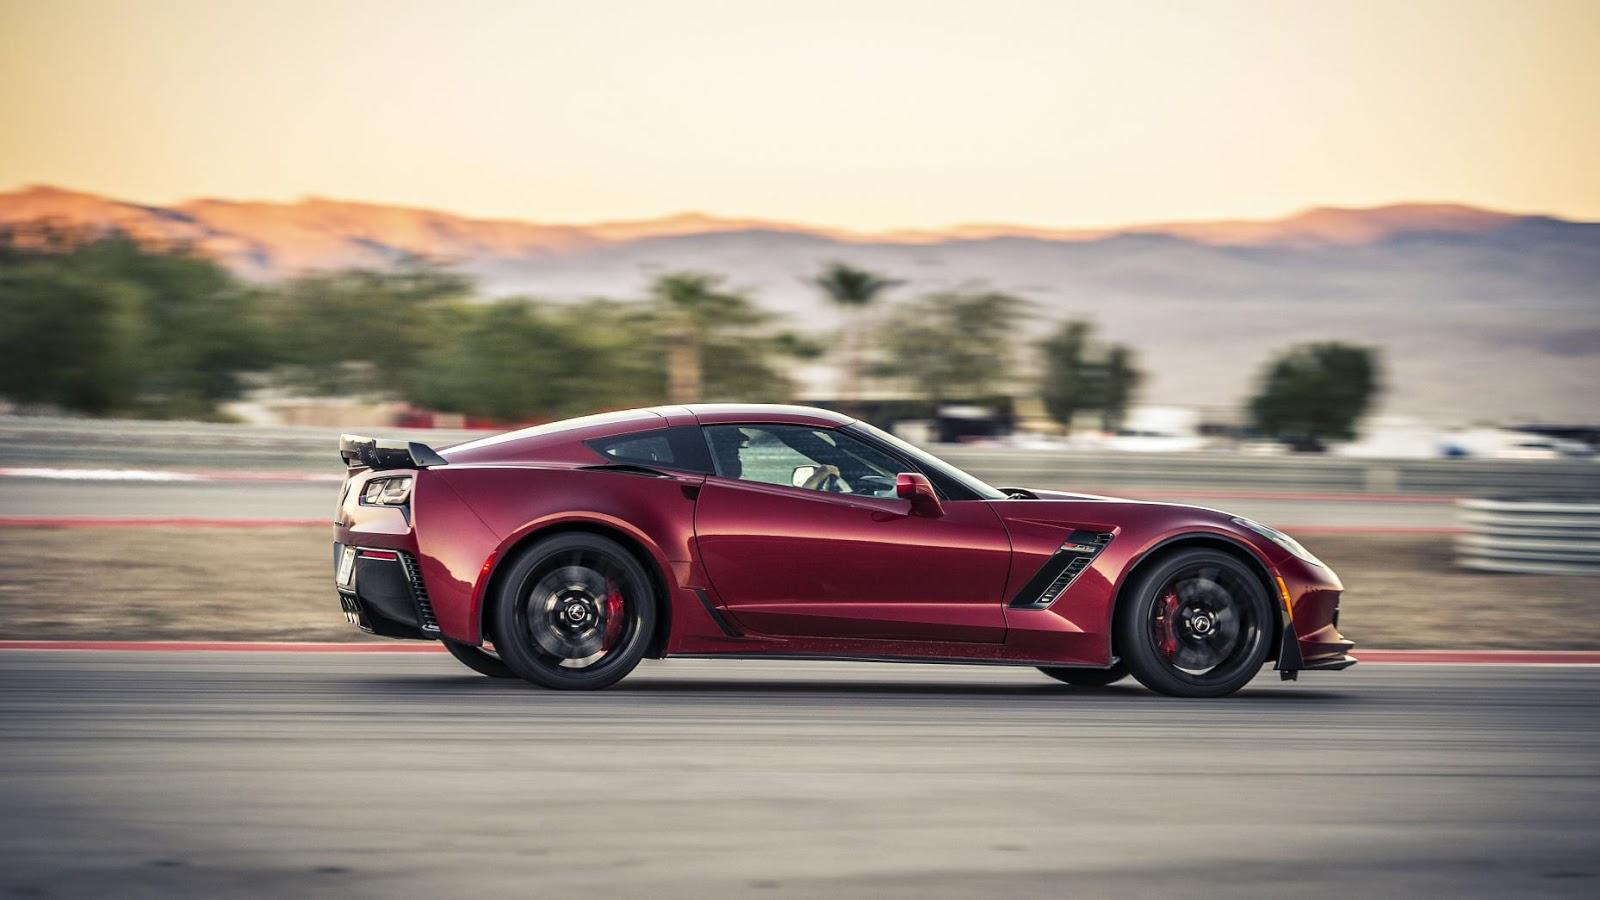 Chevrolet Corvette Z06 - tăng tốc từ 0 - 96 km/h trong 2.95secs